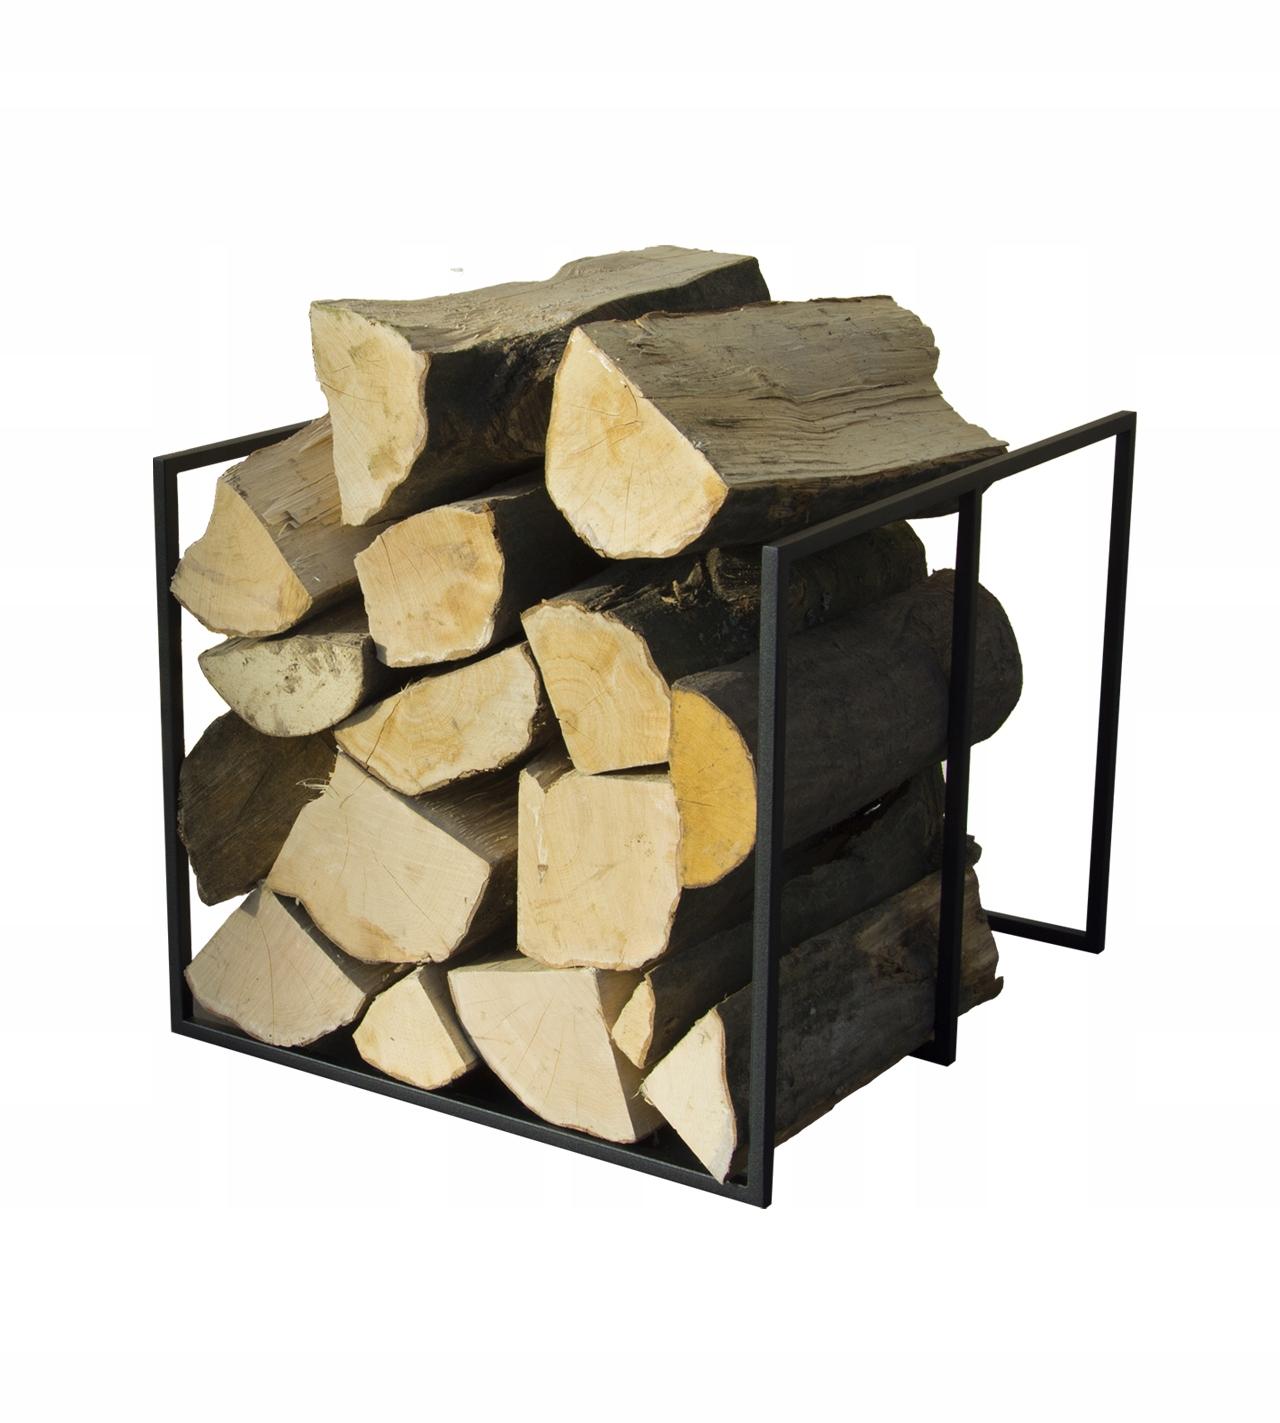 Подставка для дров, корзина на дрова